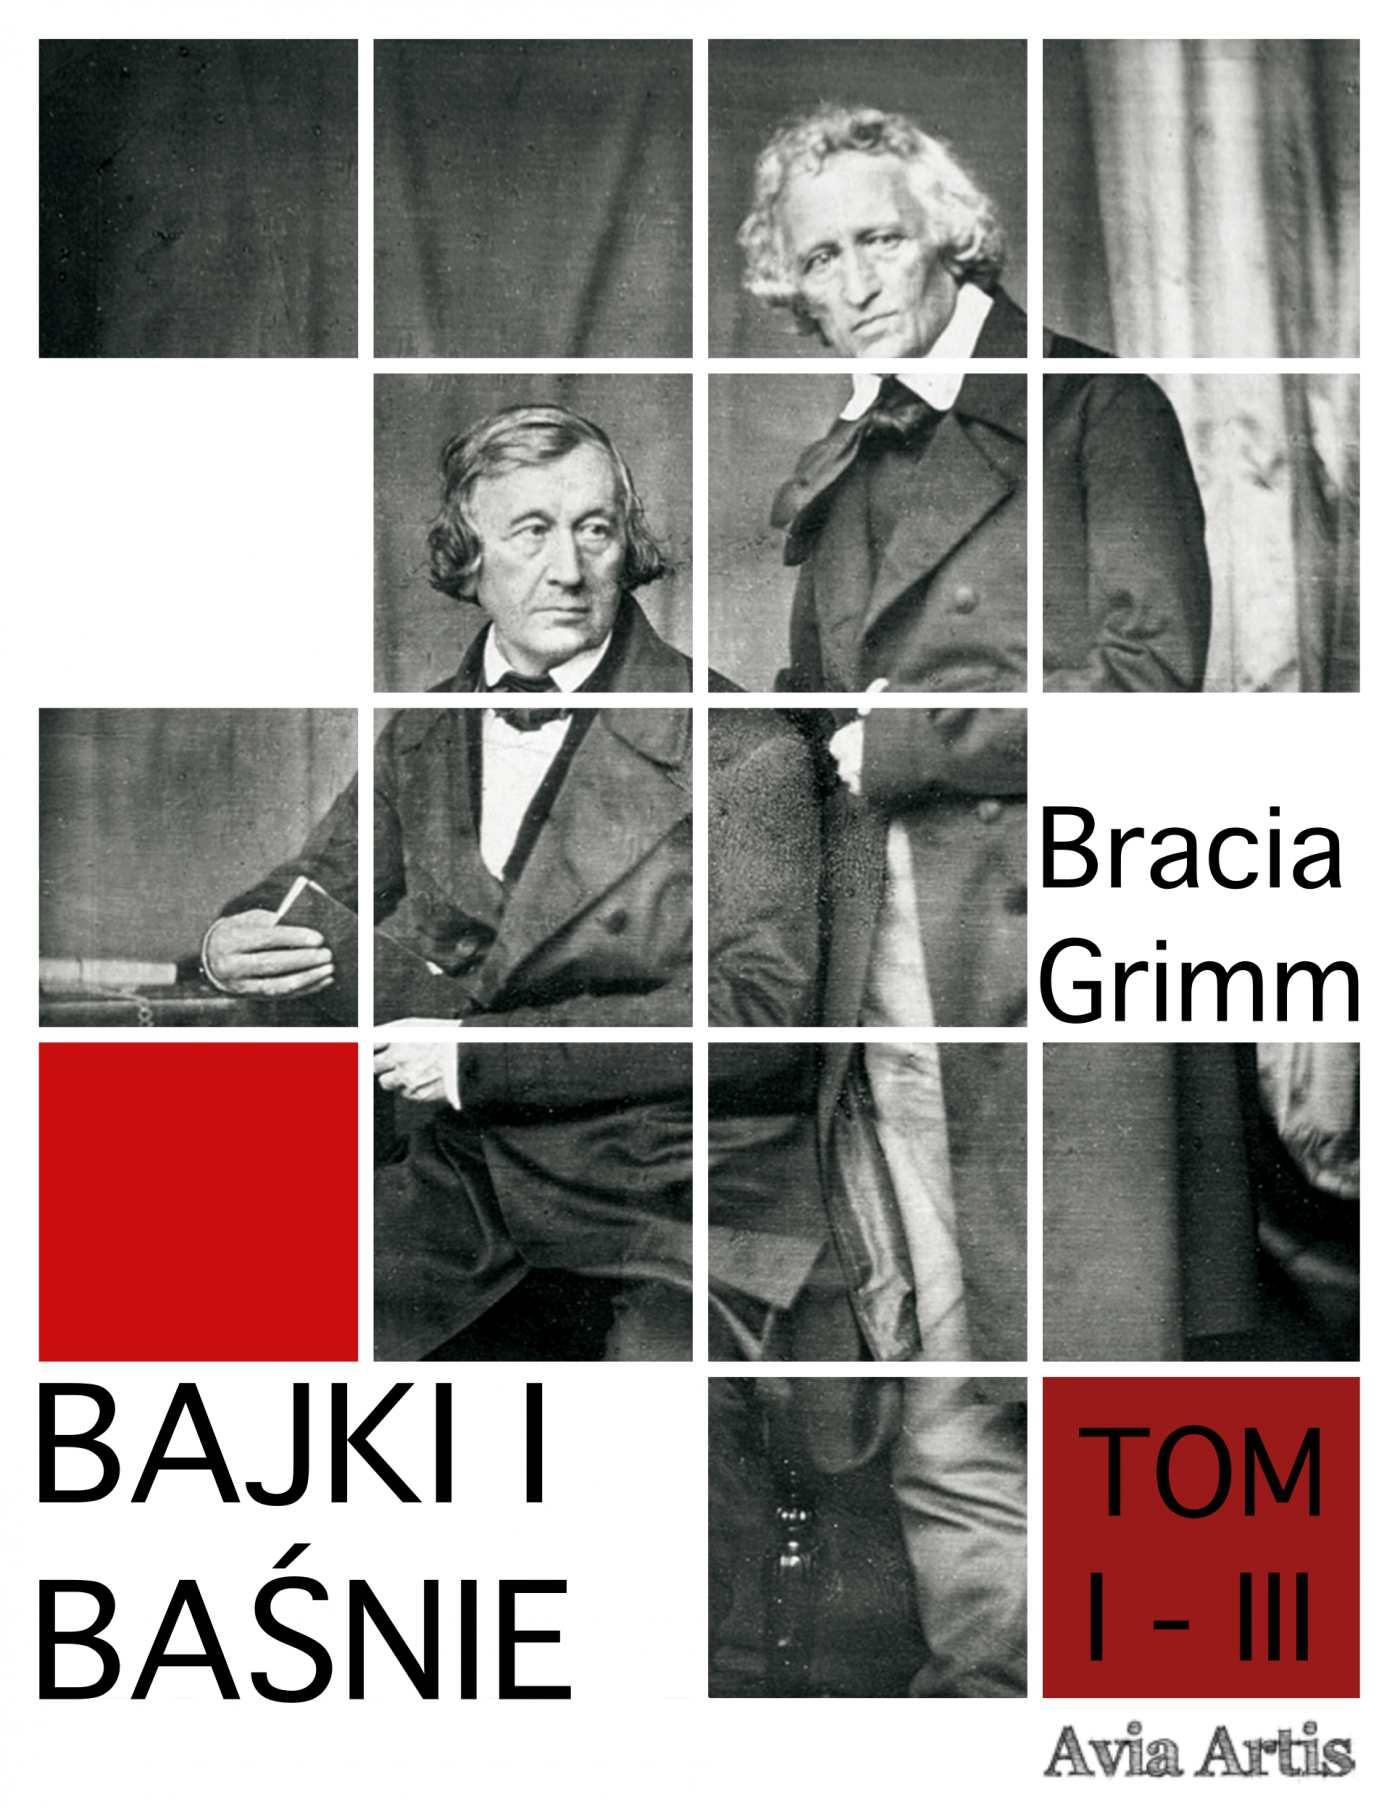 Bajki i baśnie. Tom I-III - Ebook (Książka EPUB) do pobrania w formacie EPUB